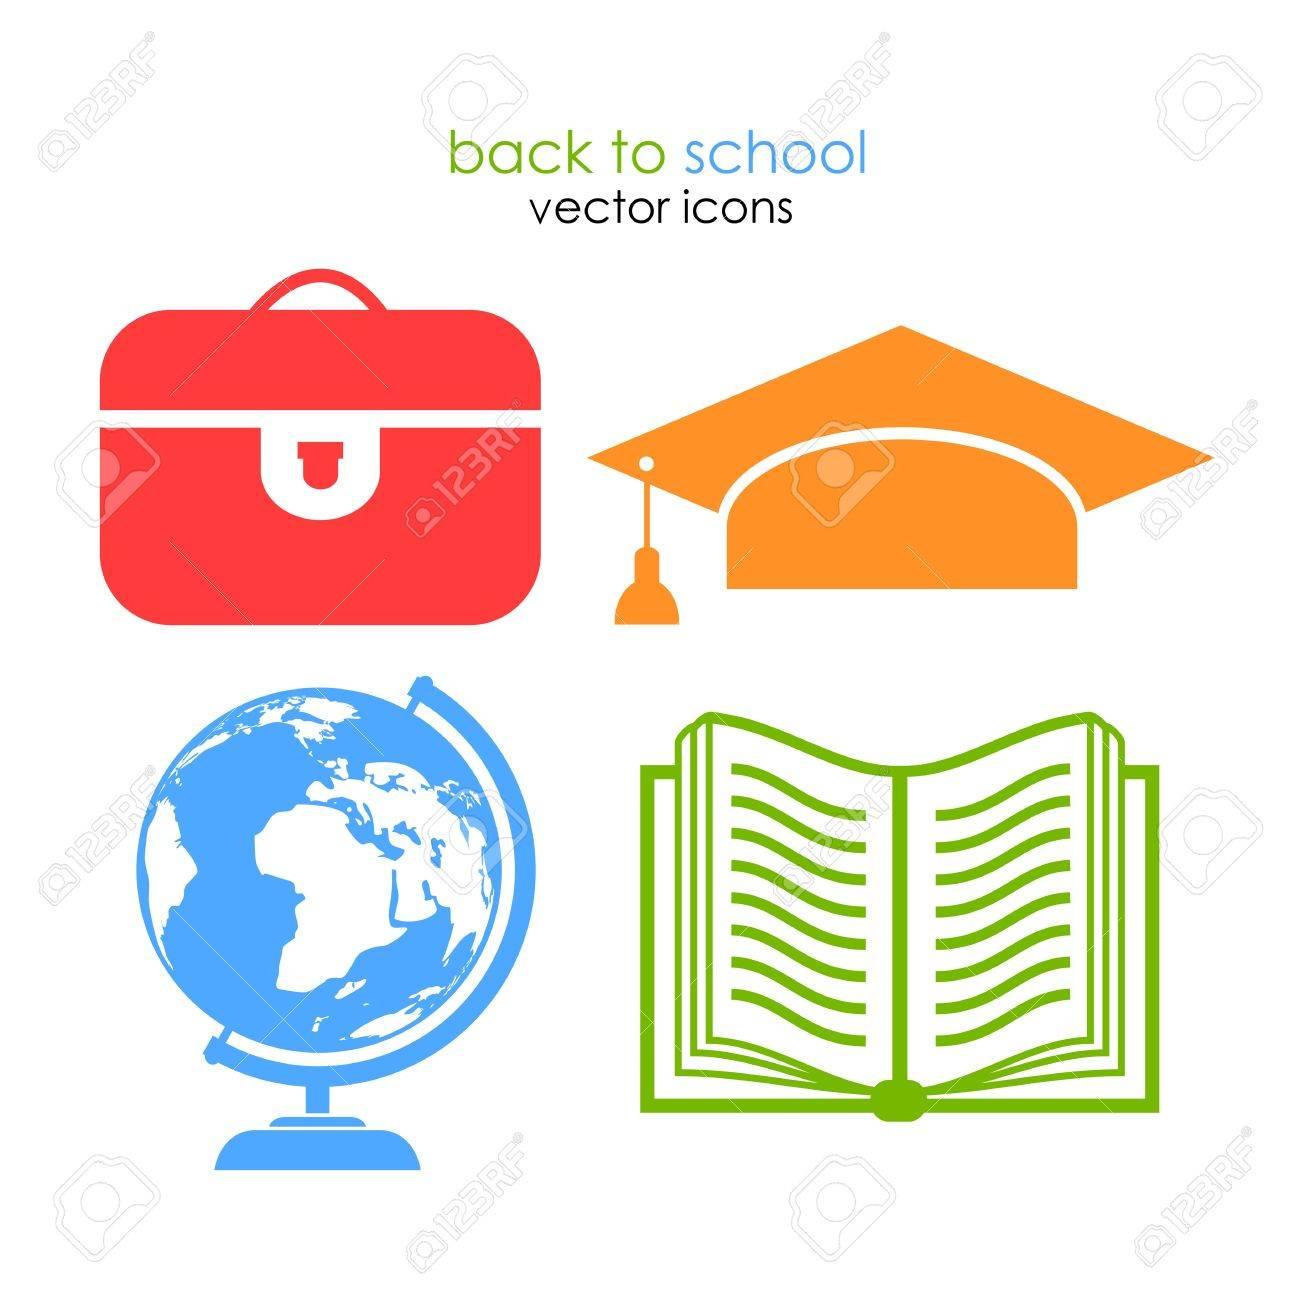 School icons Stock Vector - 21550019